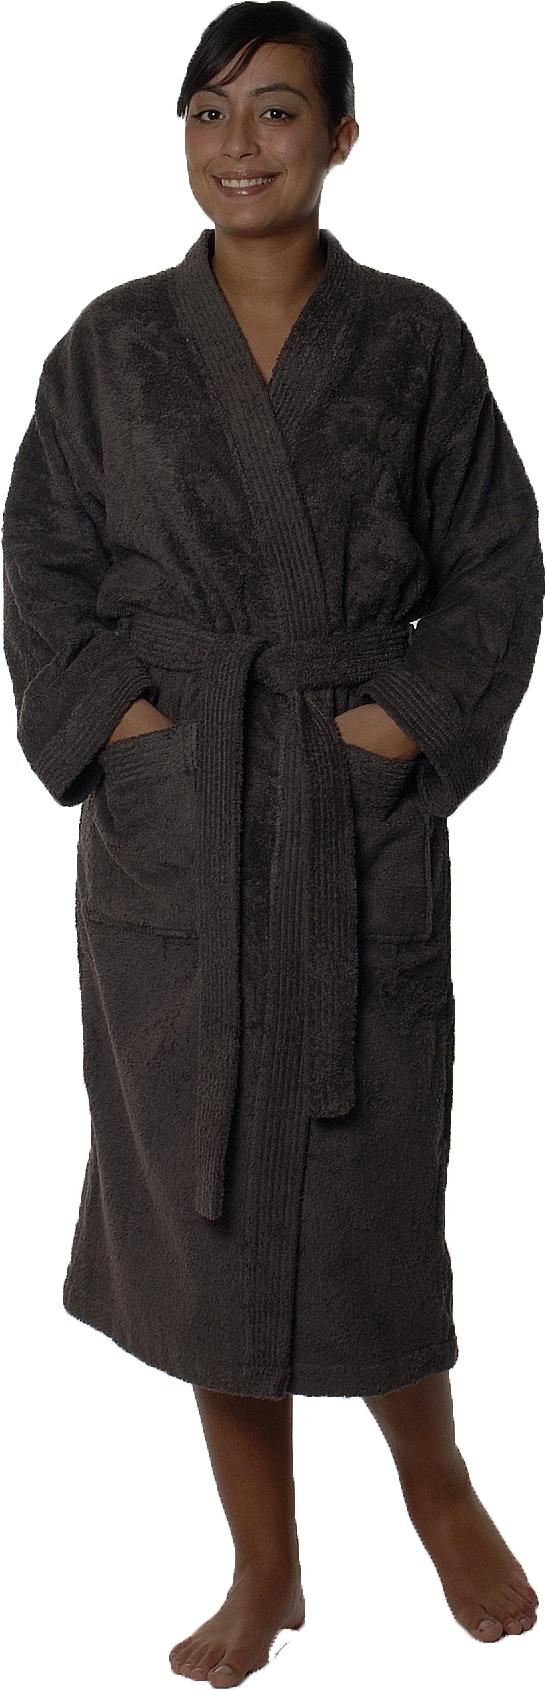 Peignoir col kimono en Coton couleur Vison Taille S (VISON)